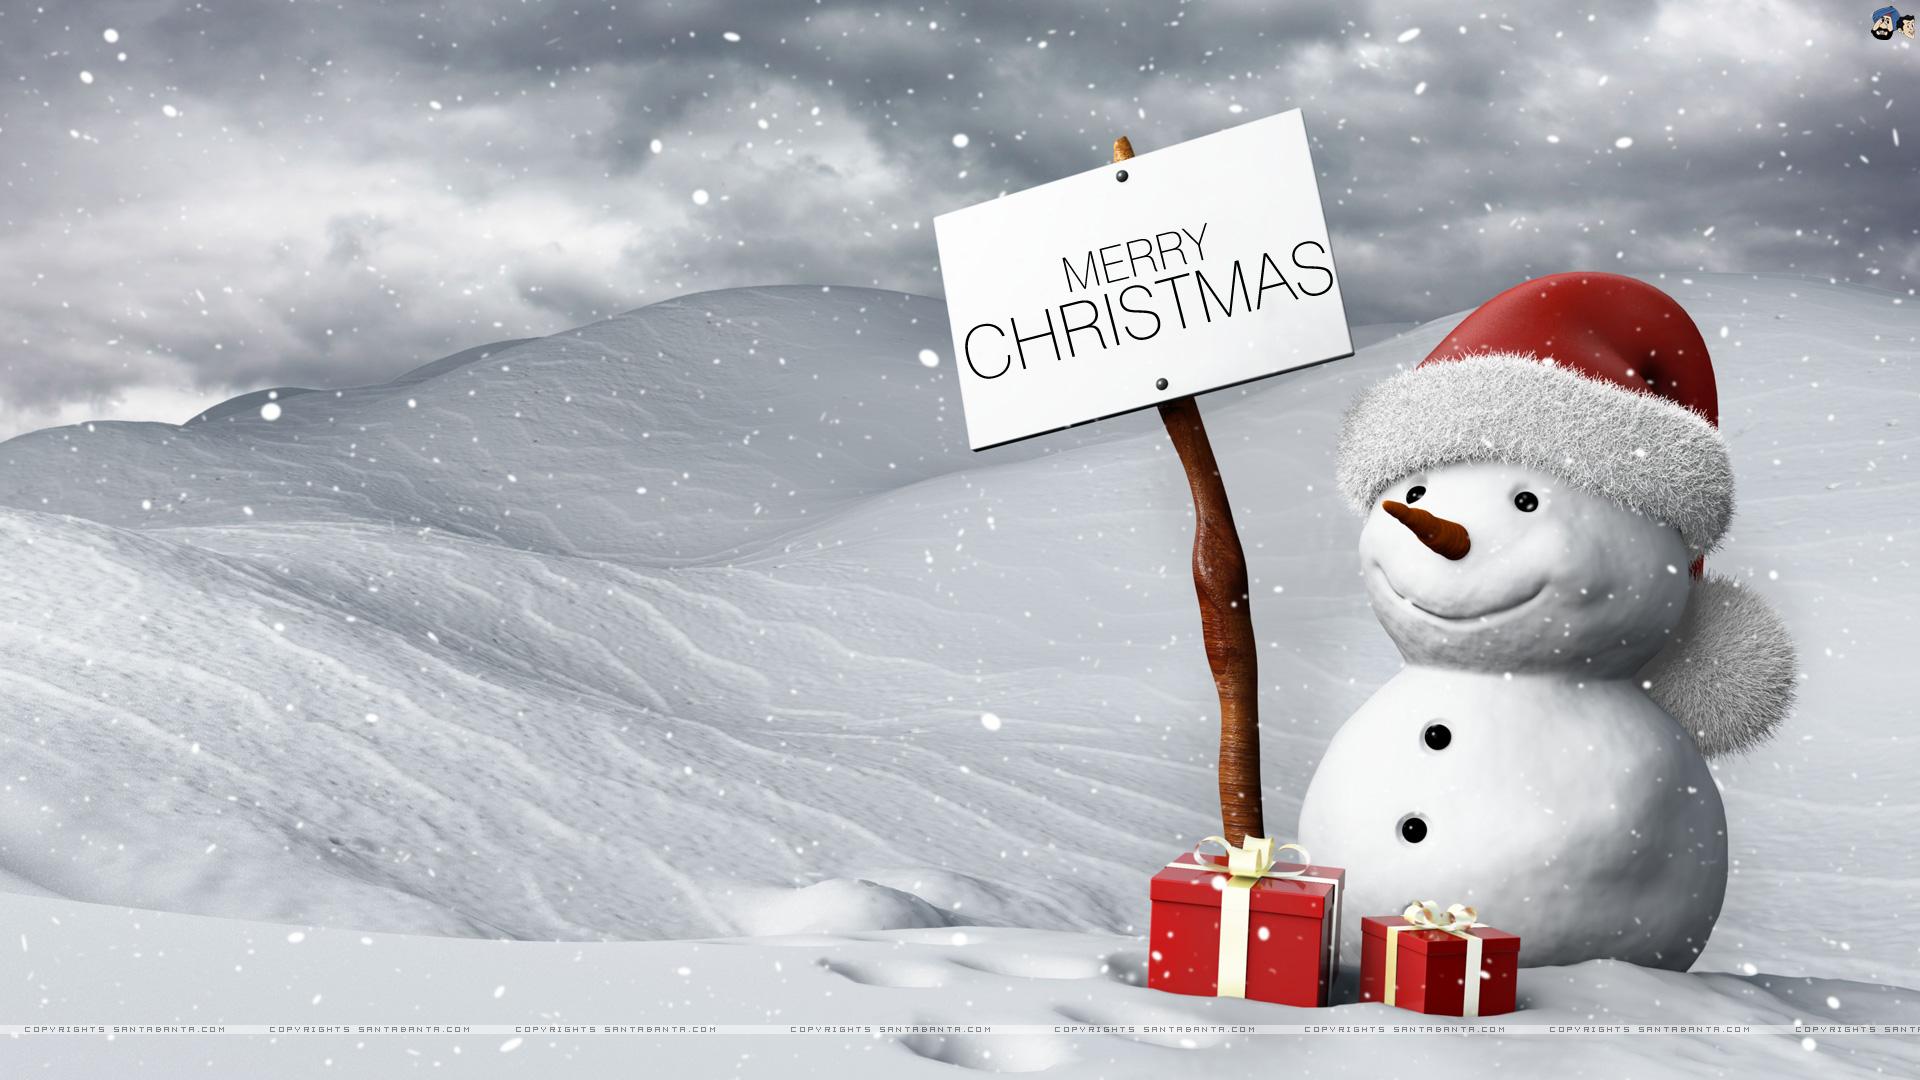 media1santabantacomfull5festivalschristmaschristmas 96vjpg 1920x1080